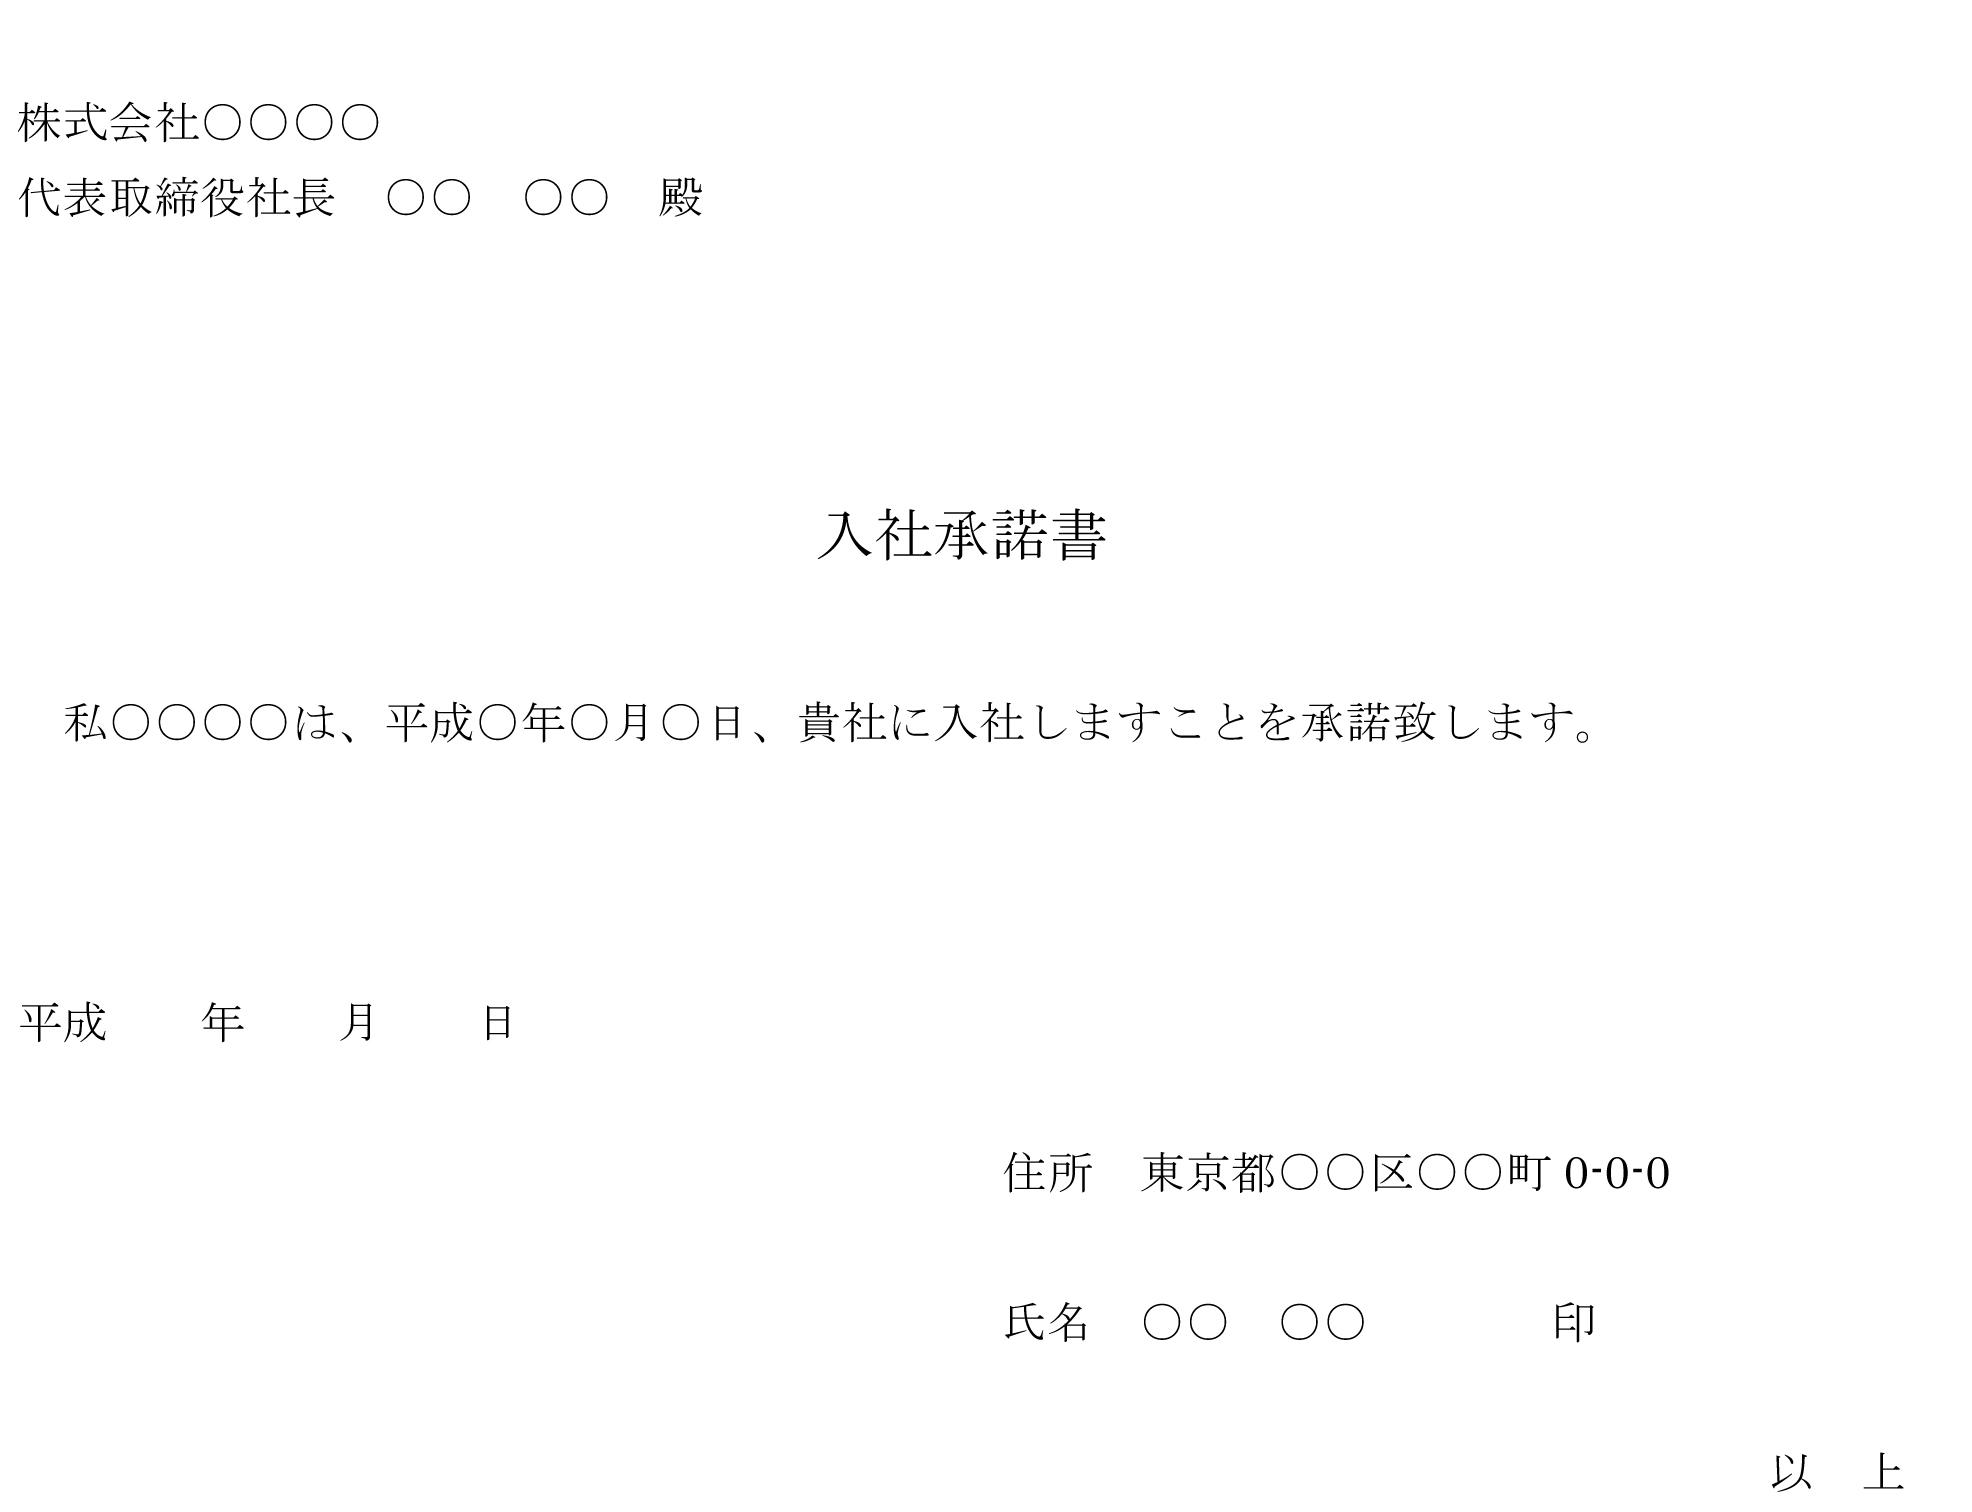 入社承諾書02